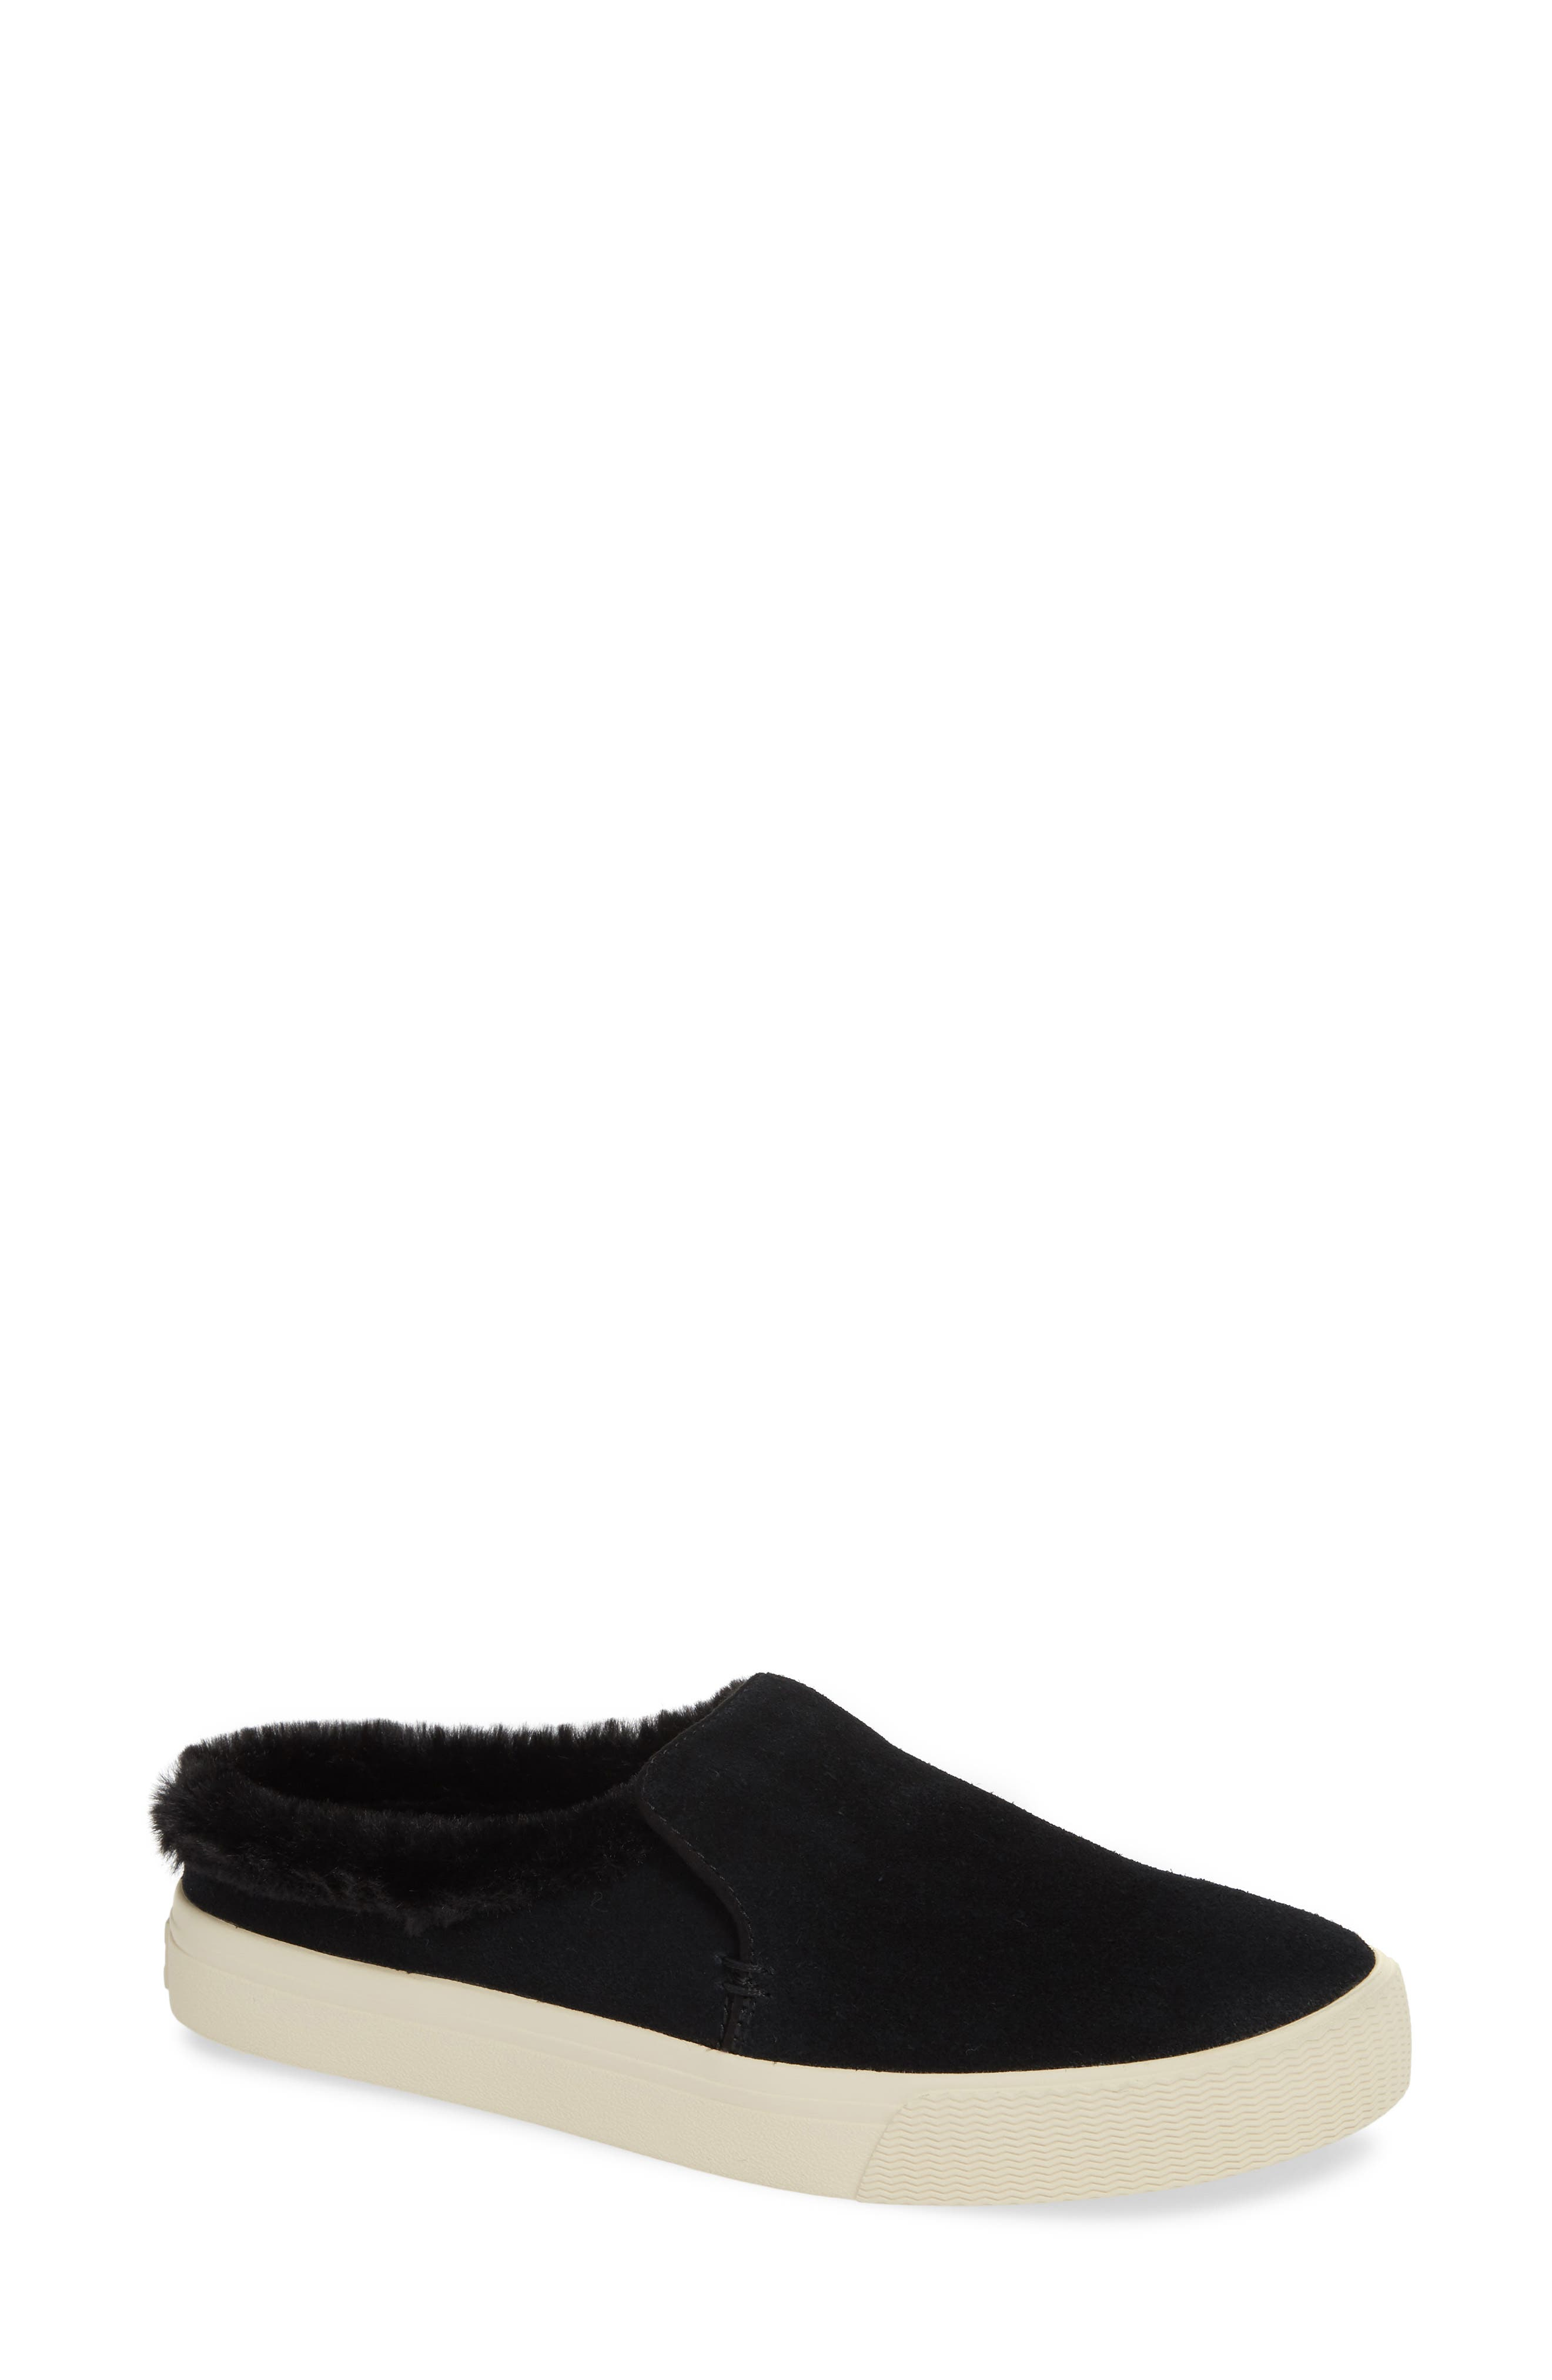 TOMS Sunrise Faux Fur Lined Slip-On Sneaker in Black Suede